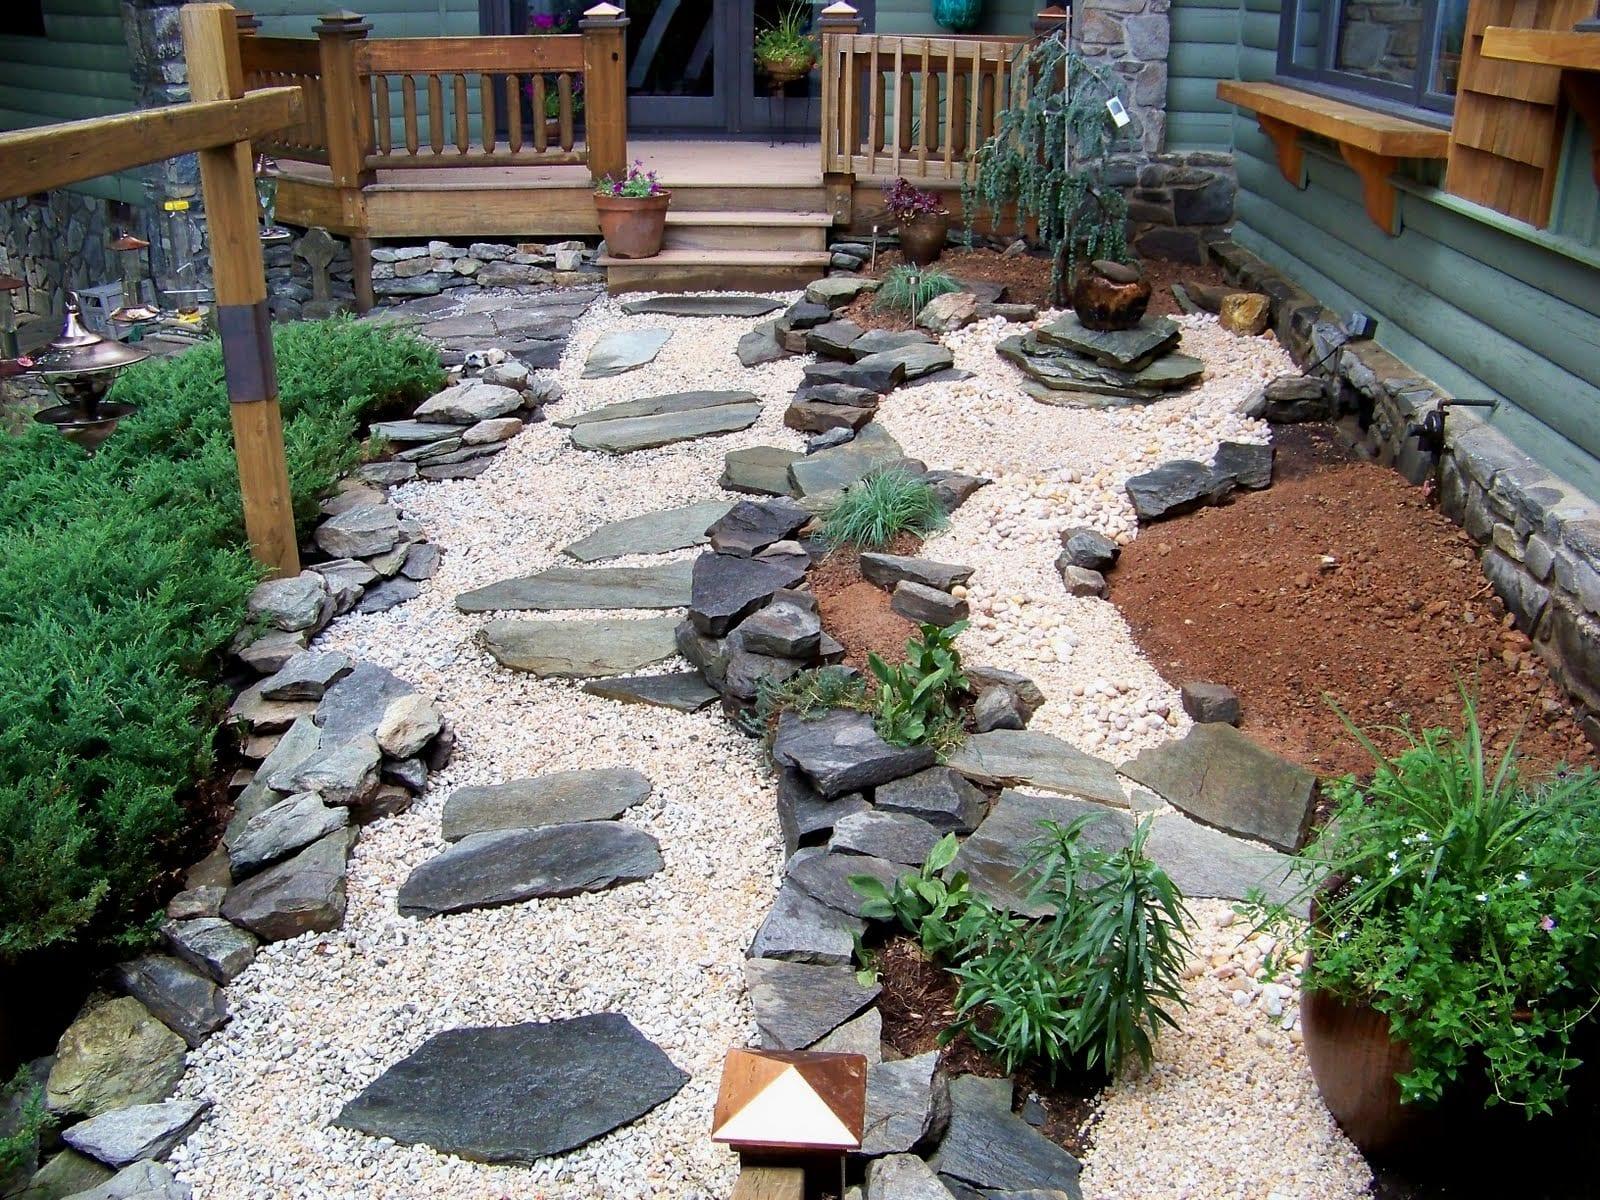 Garten japanischer stil  Steingarten- 60 Ideen japanischer Gartengestaltung für einen ...